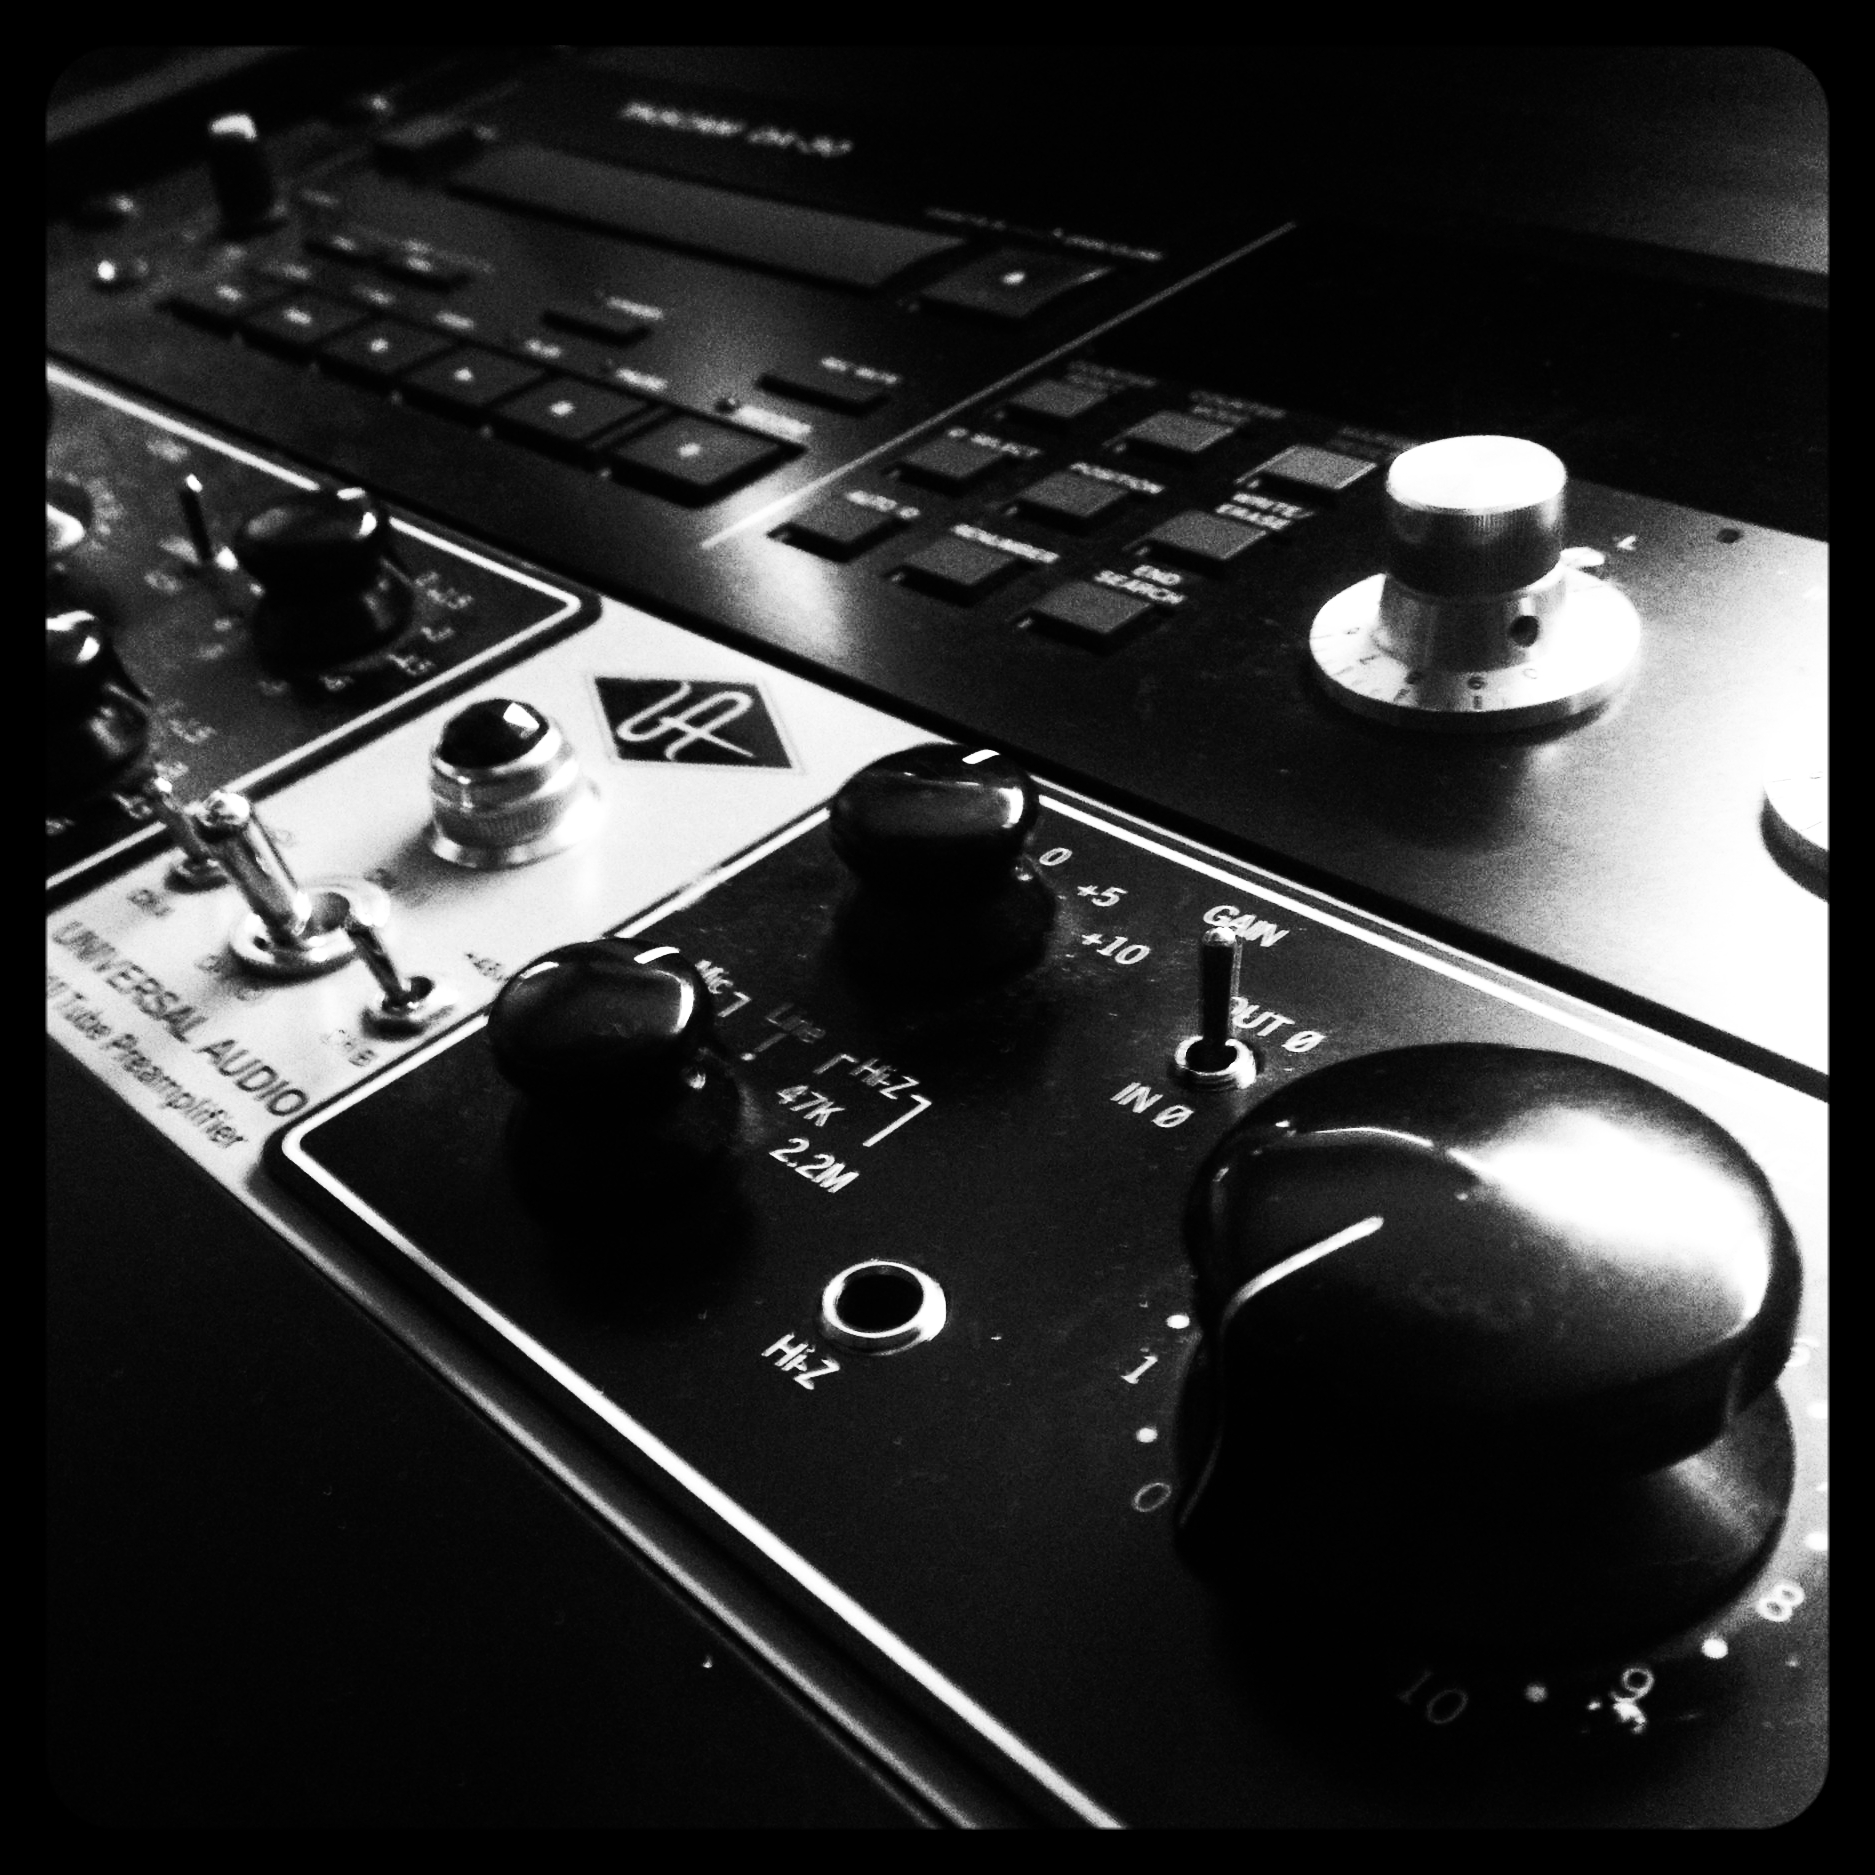 universal-audio-2-610-818361.jpg